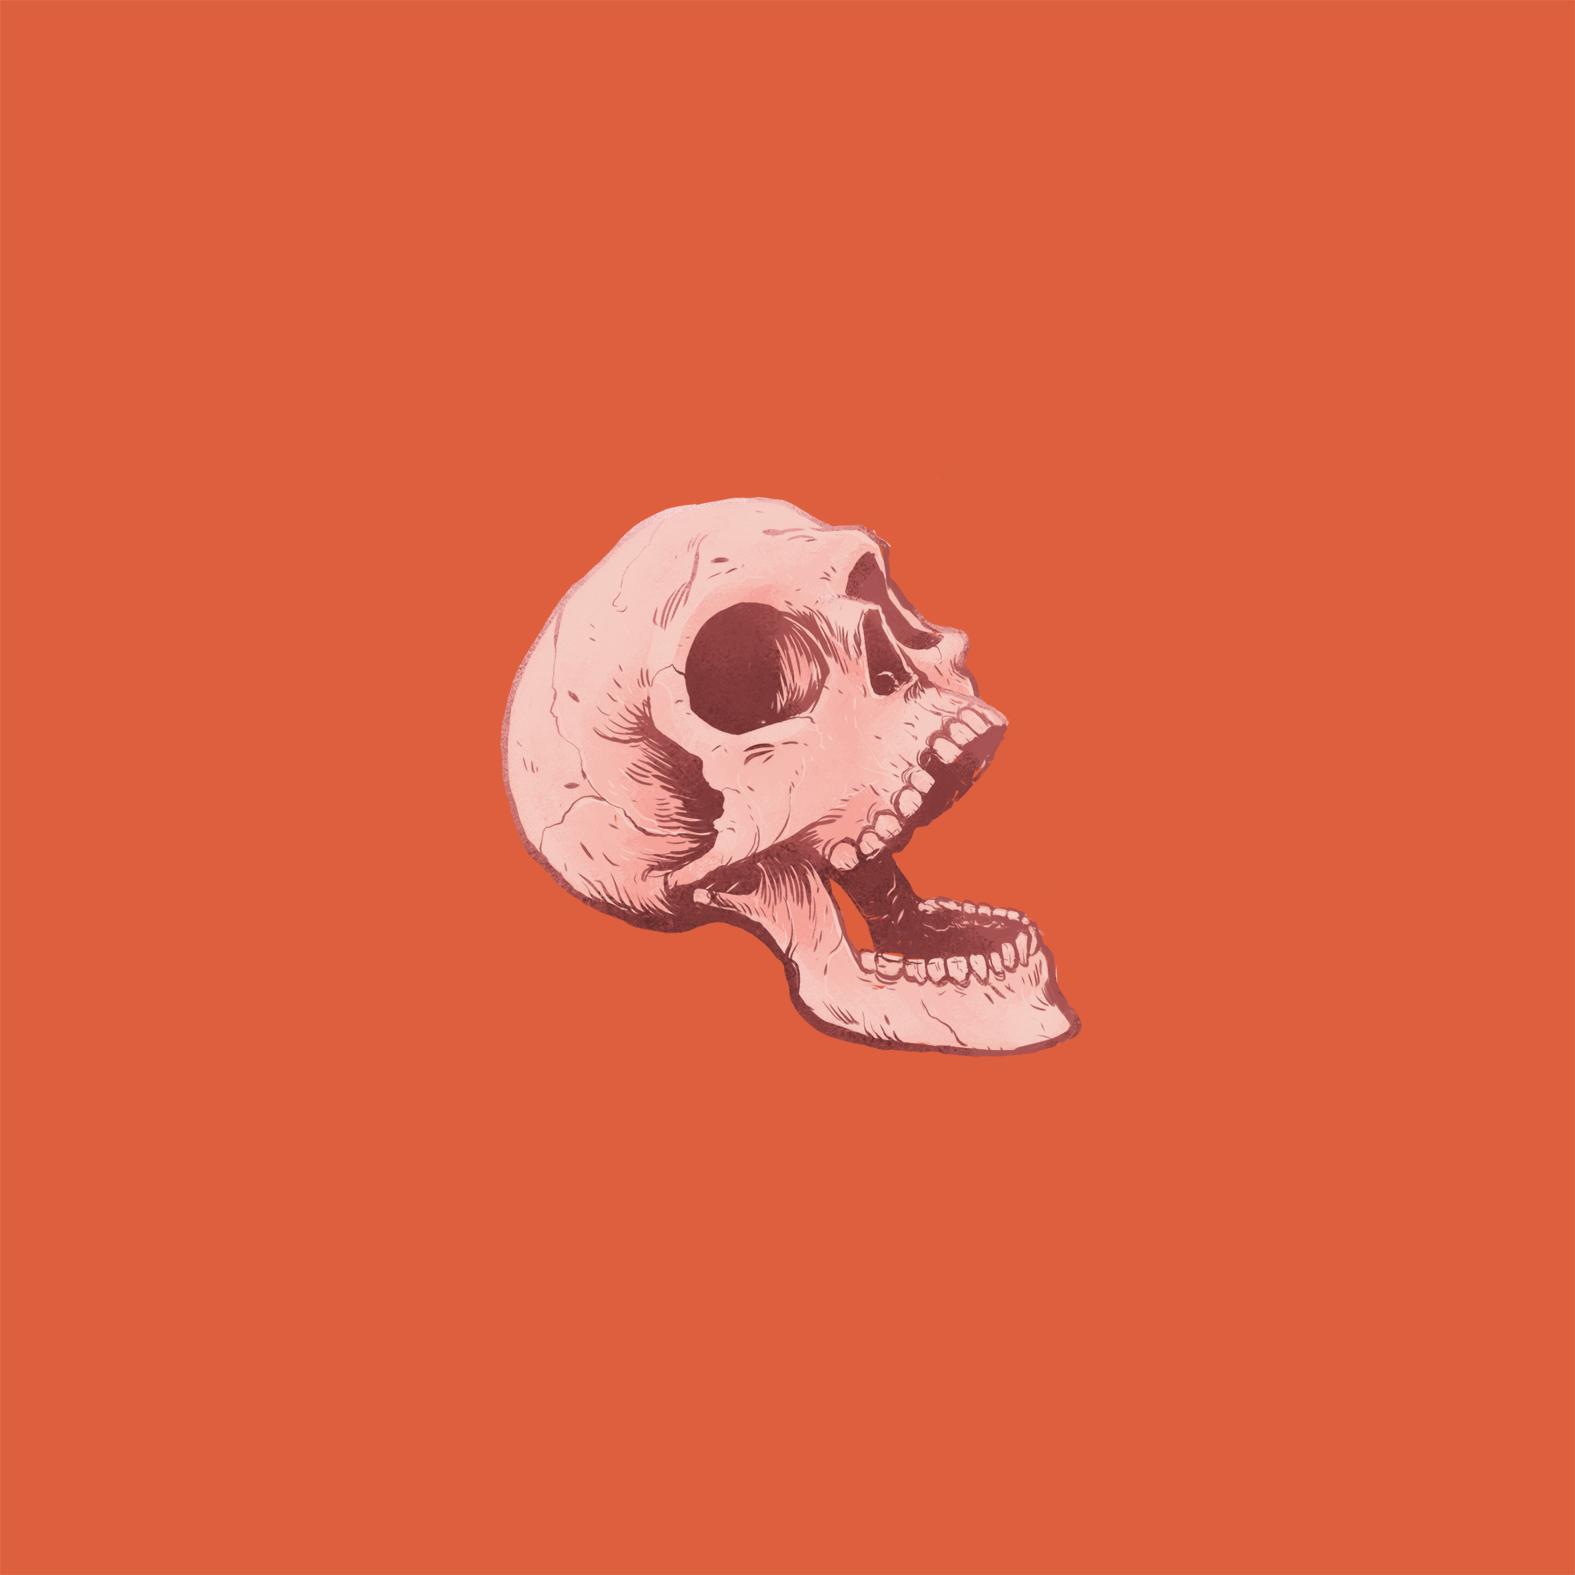 det skøre skelet -